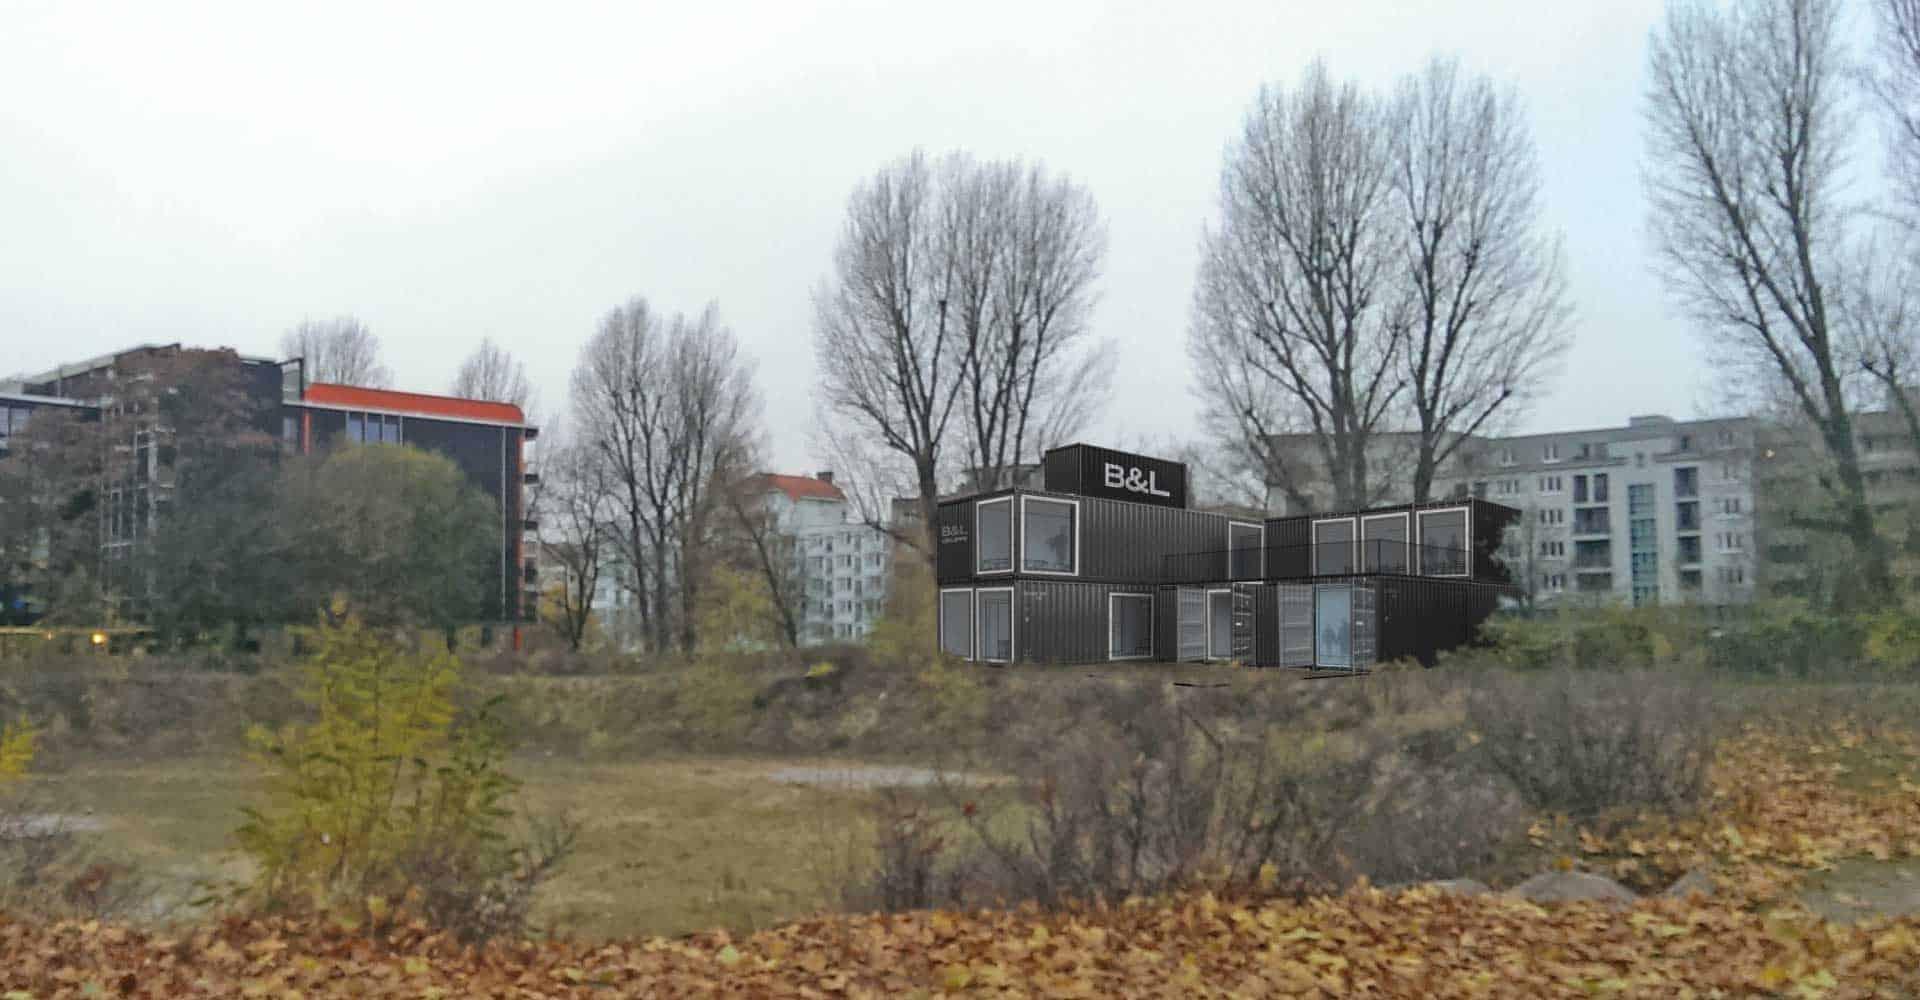 B&L Real Estate GmbH, Konzeptentwicklung, Mockup, Seecontainer, Modulare Gebäude, Hamburg, Architektur